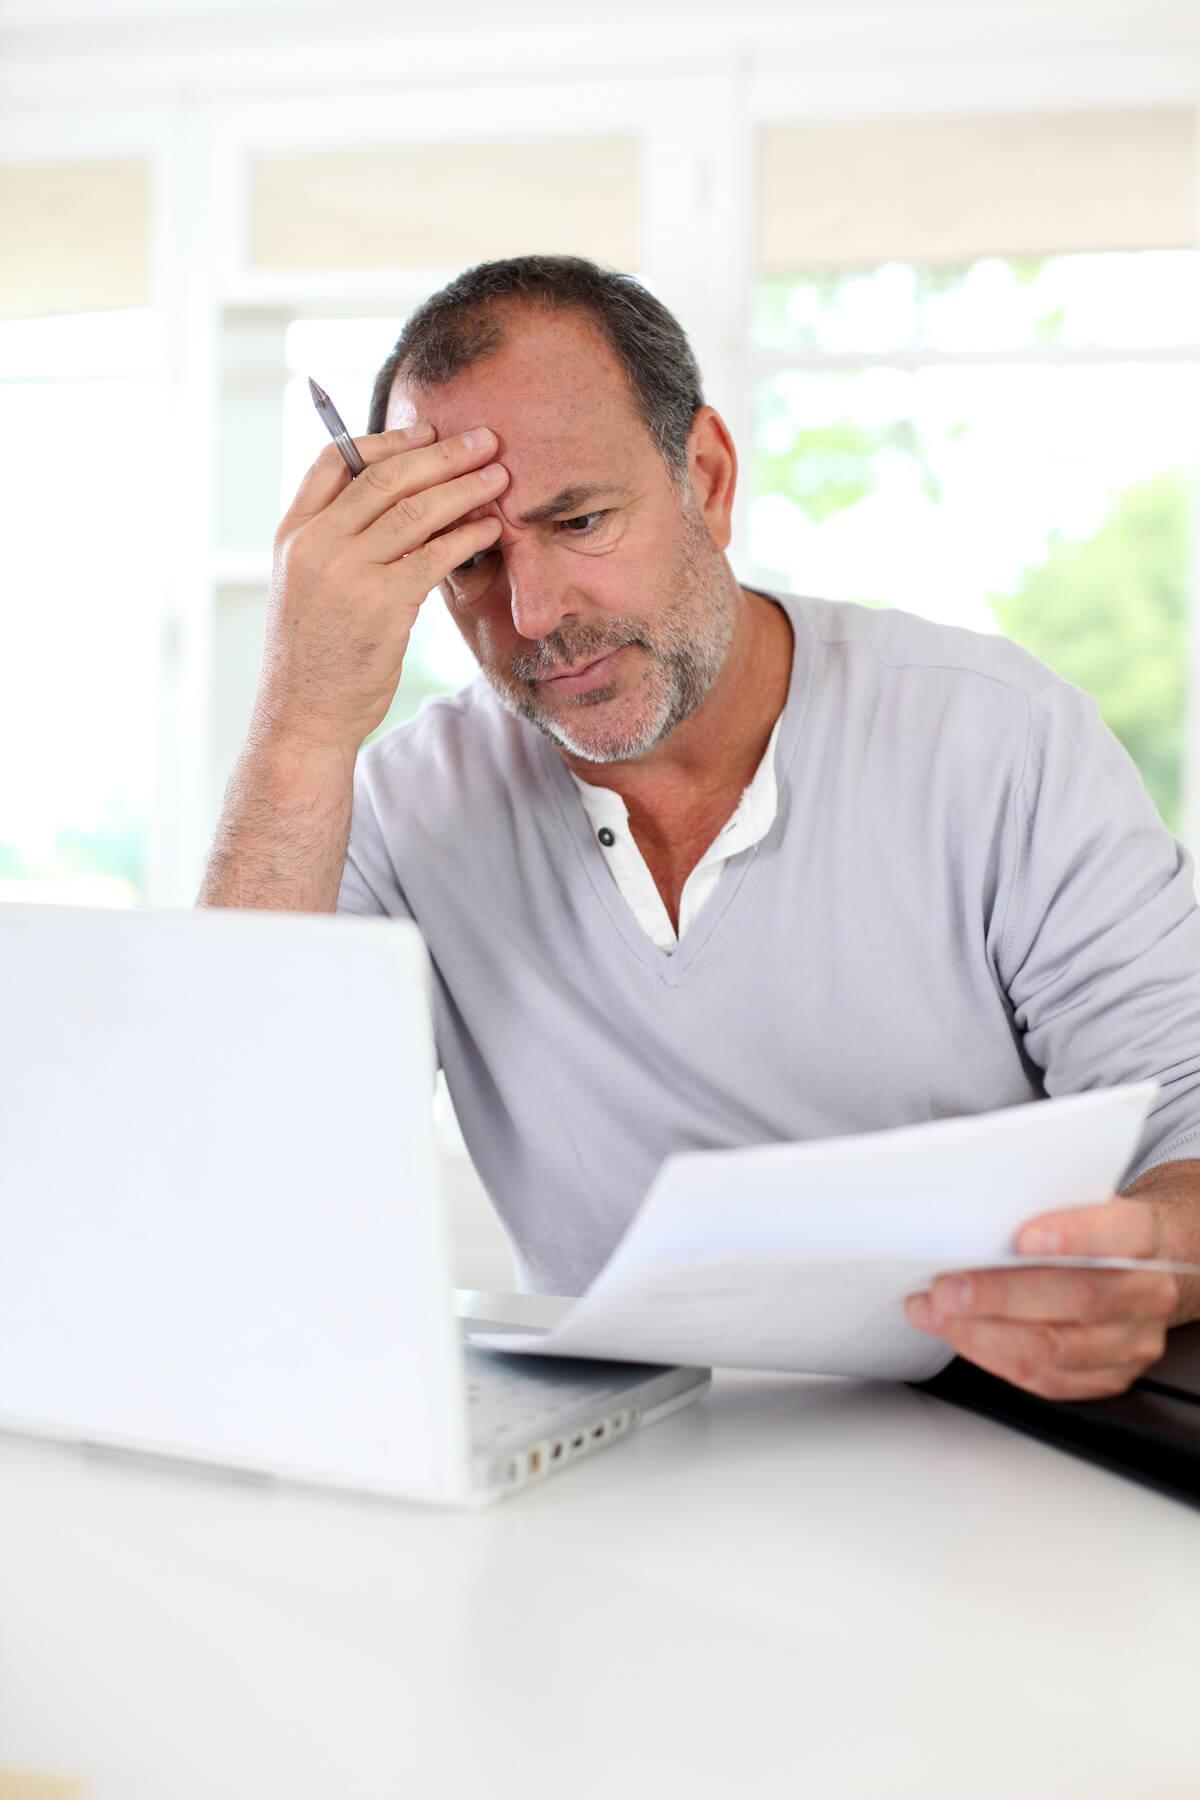 Man looking at tax paperwork